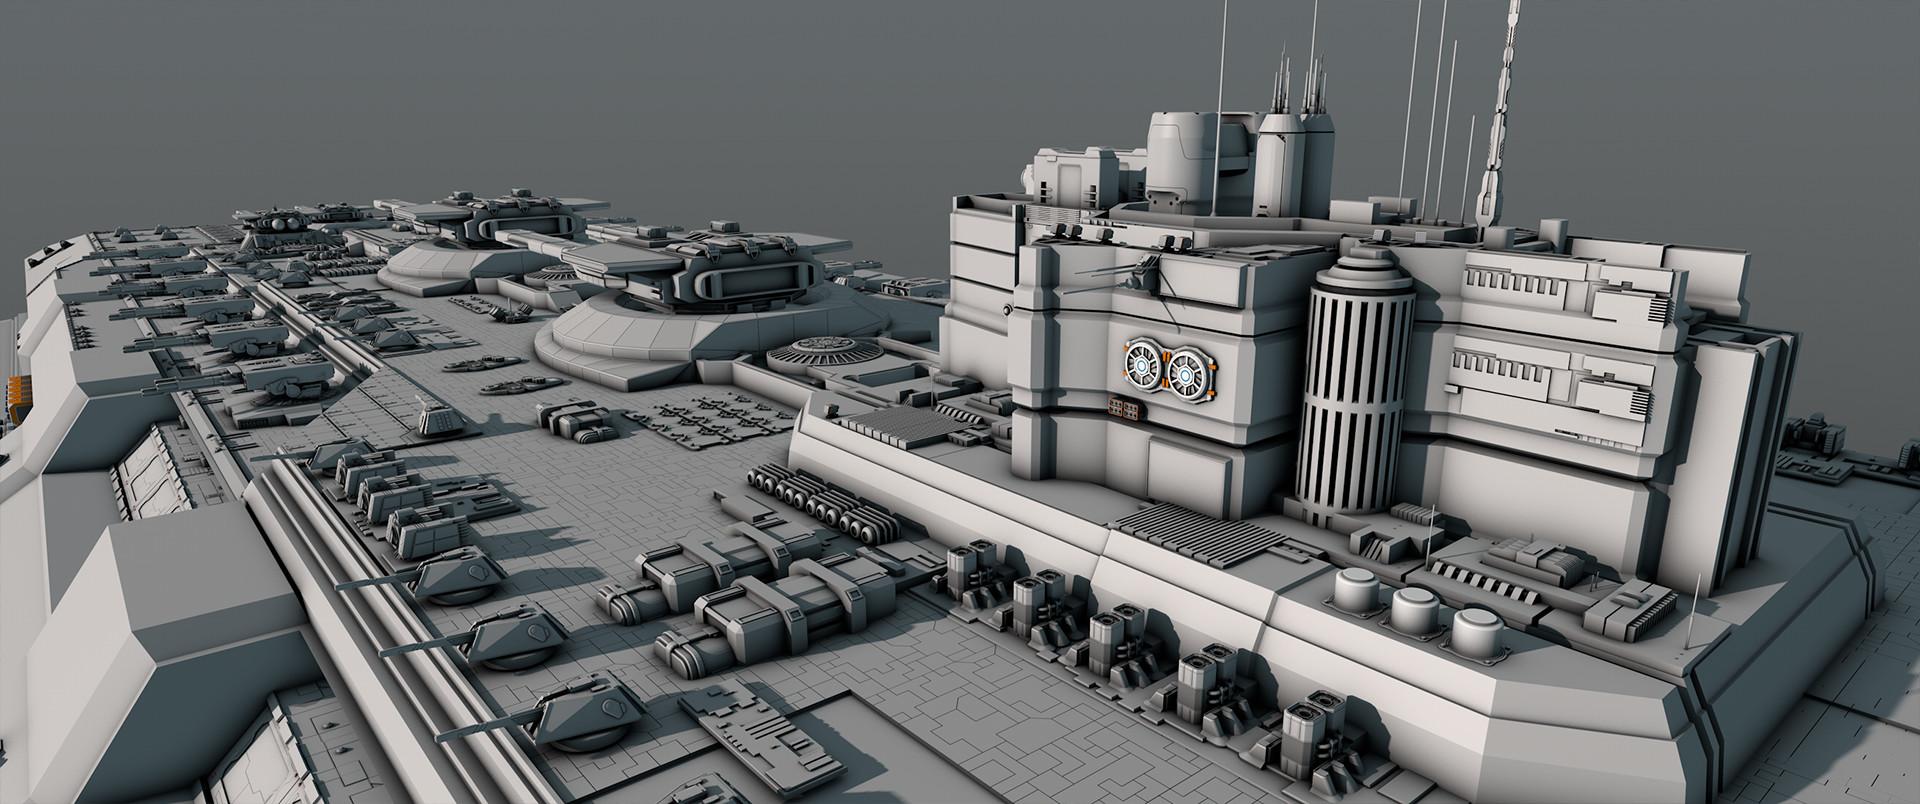 Glenn clovis concept battleship saratoga 39